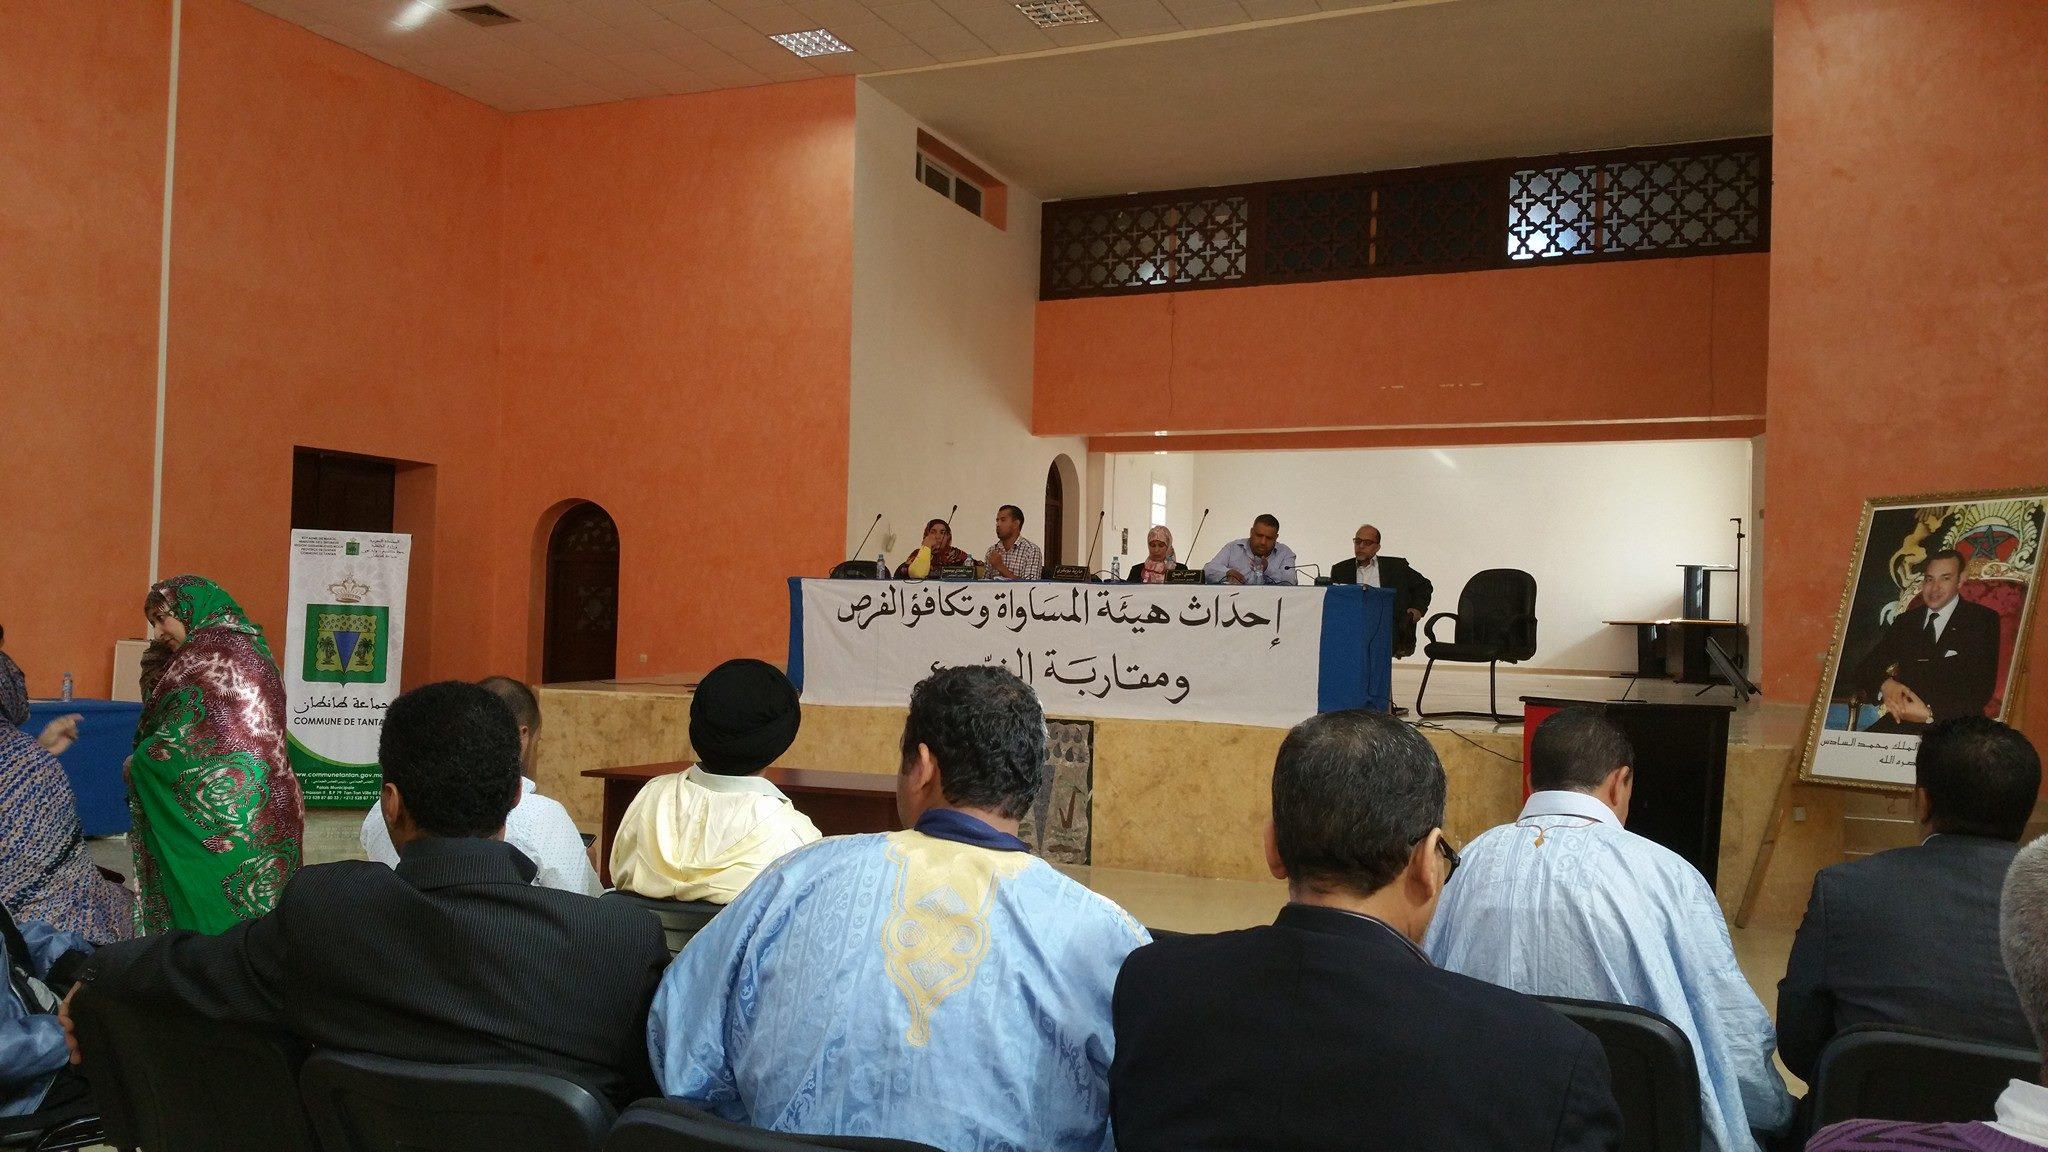 غضب جمعيات طانطان ضد المجلس البلدي يفجر لقاء انتخاب هيئة المساواة وتكافؤ الفرص